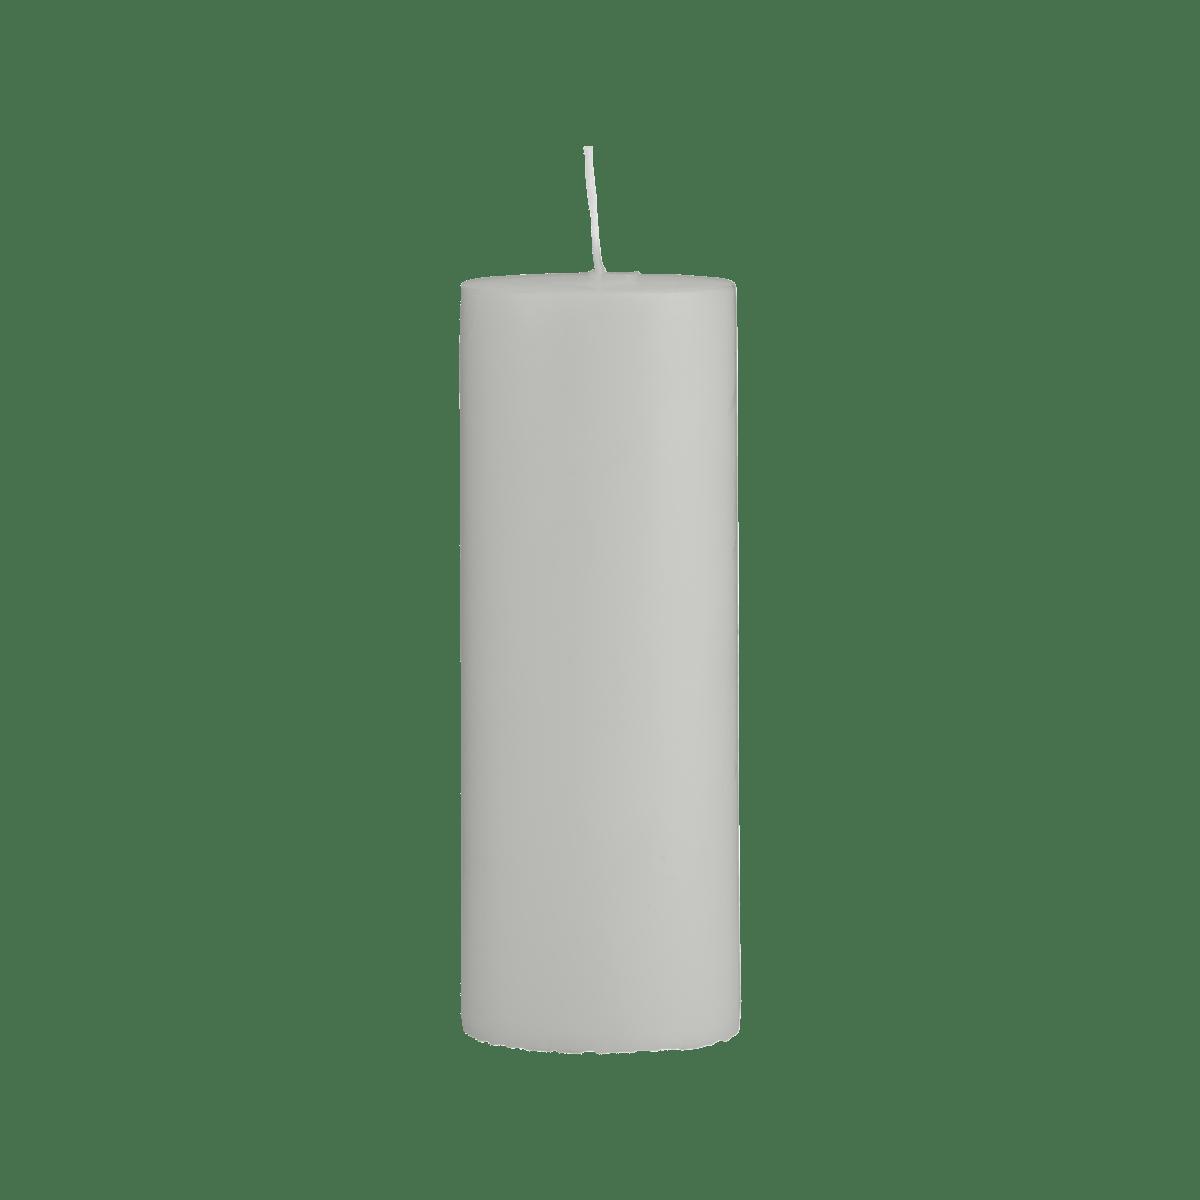 Šedá svíčka 7x20 cm - set 2 kusů